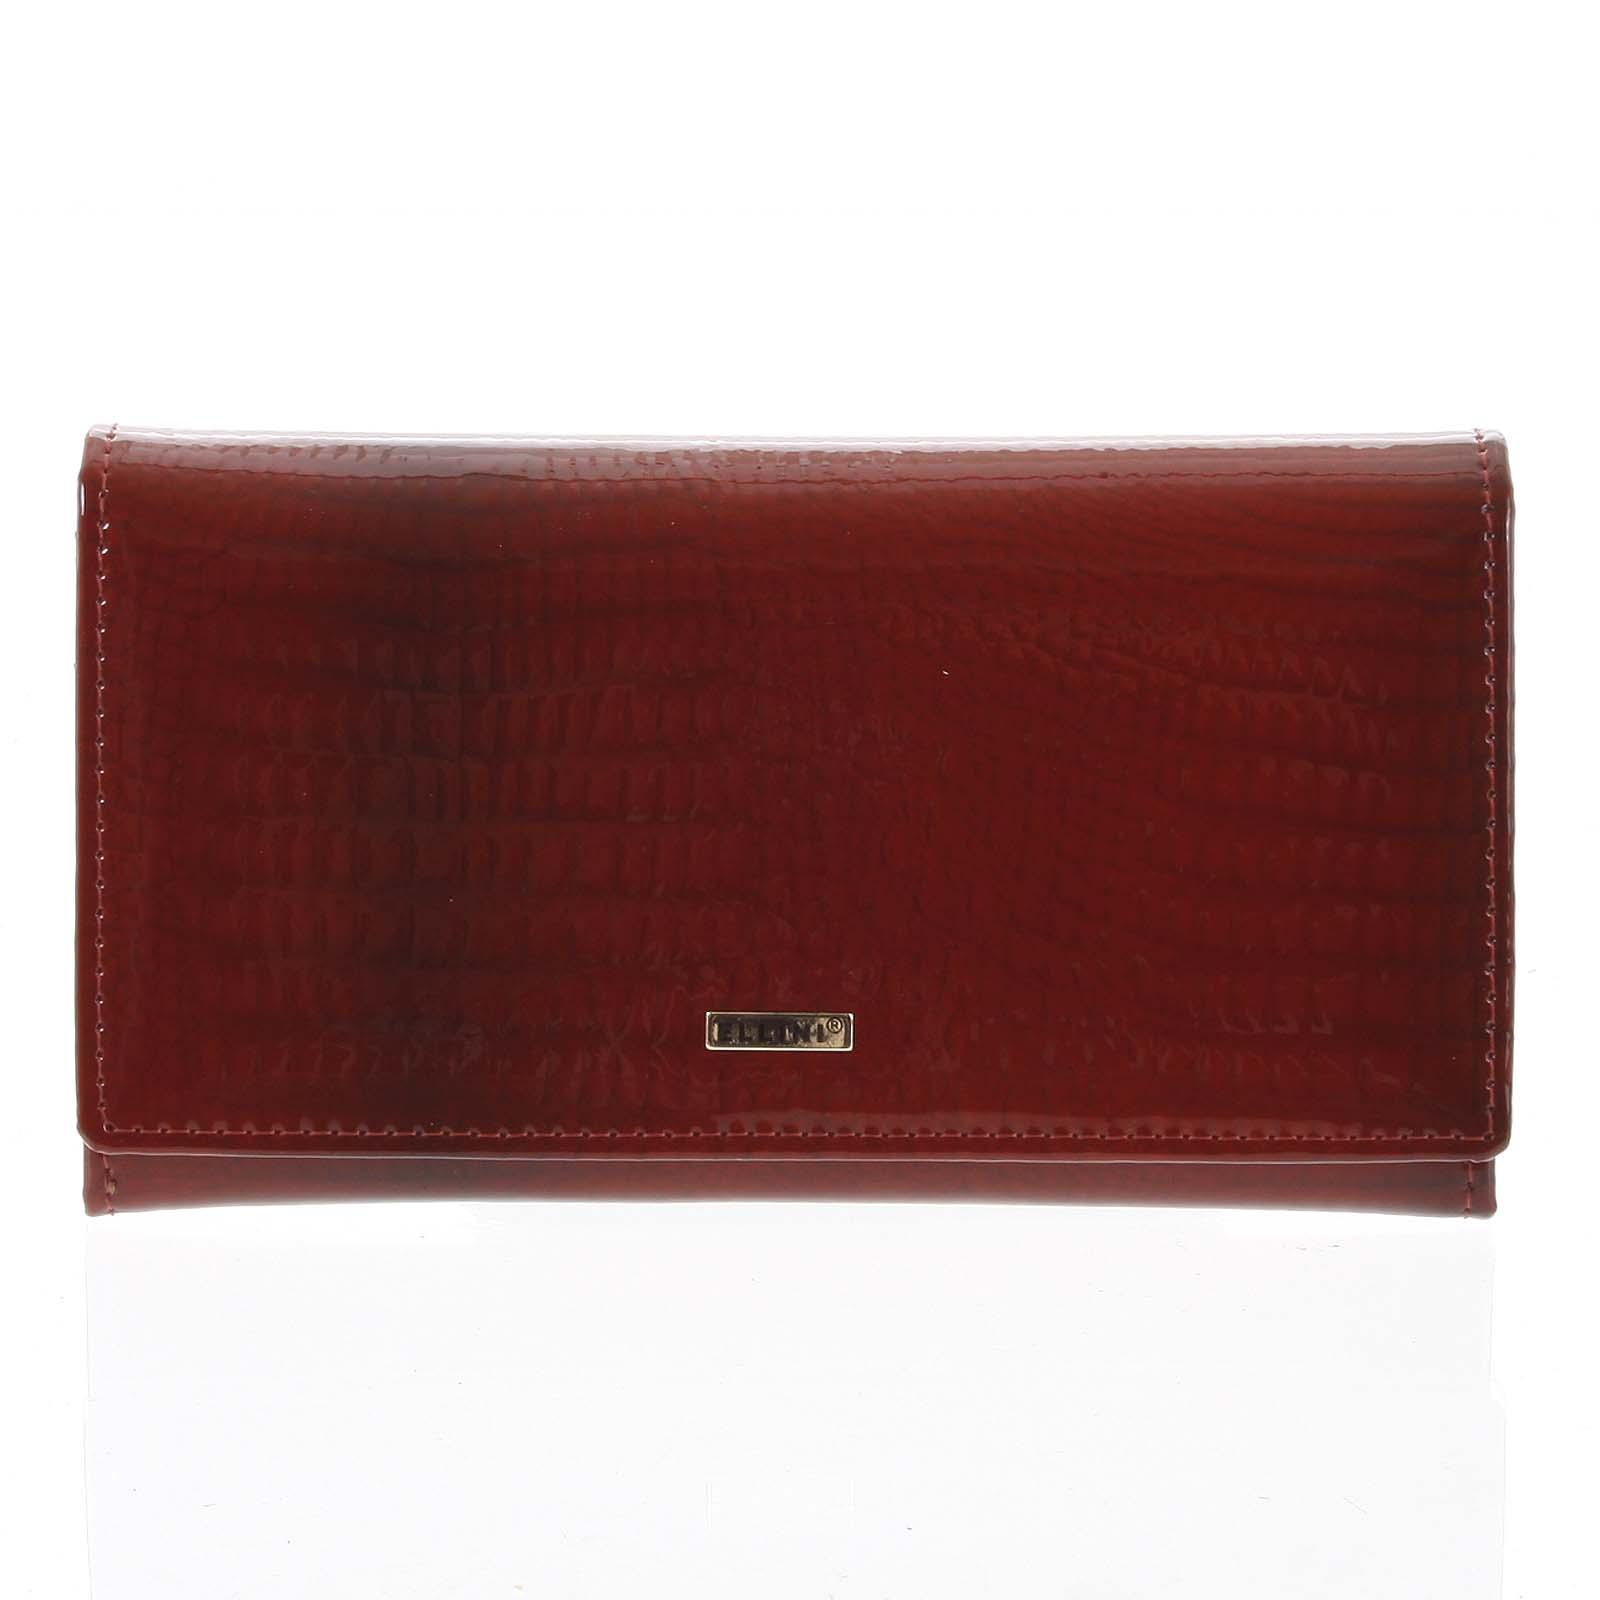 Dámska kožená peňaženka červená - Ellini Milia červená